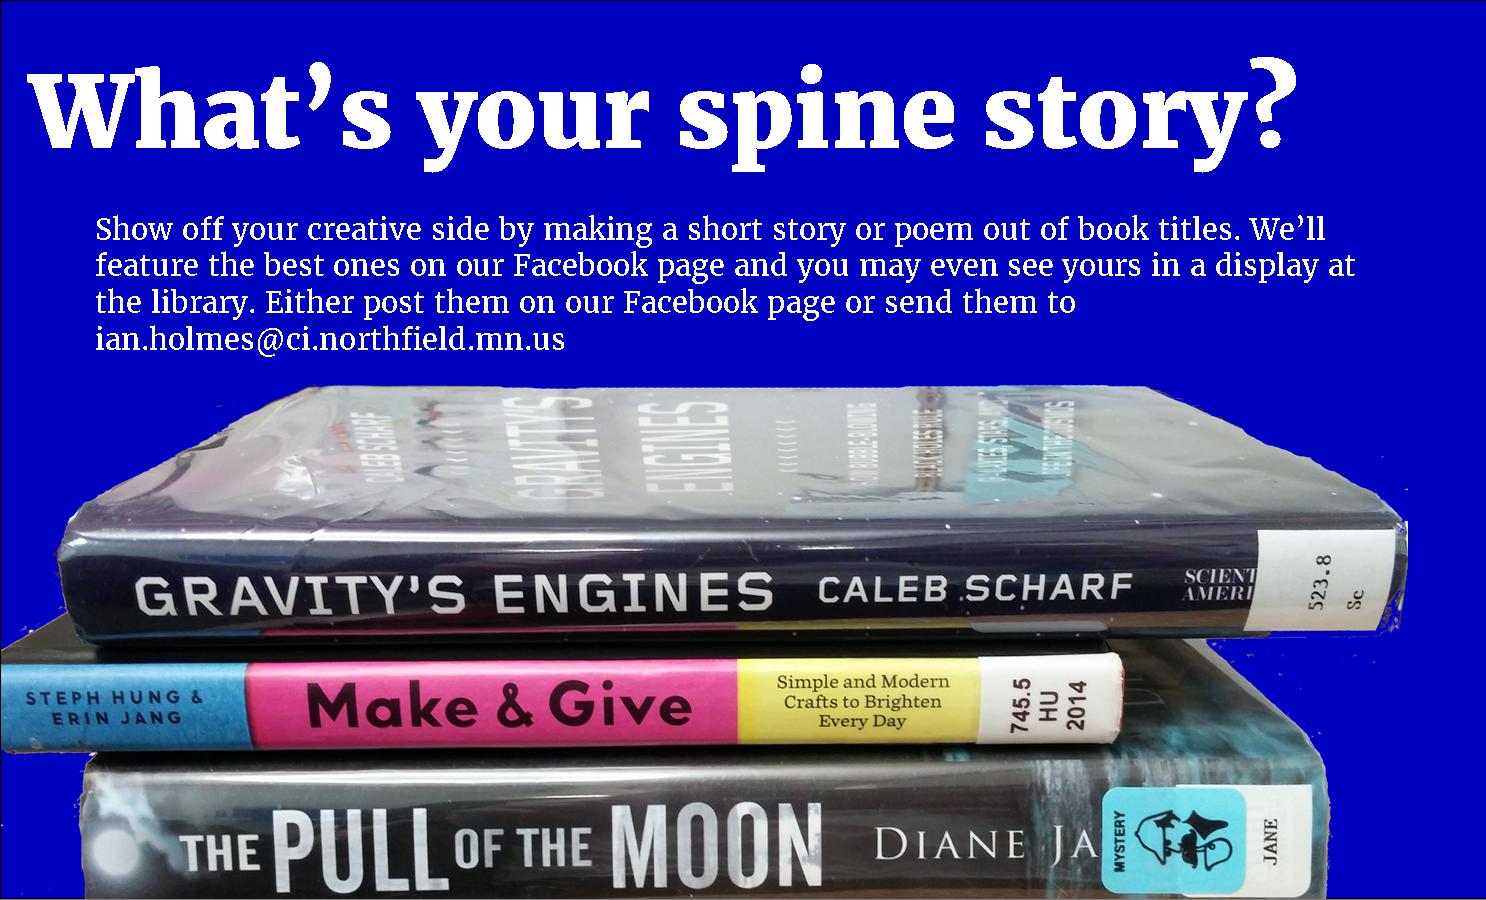 SpineStories